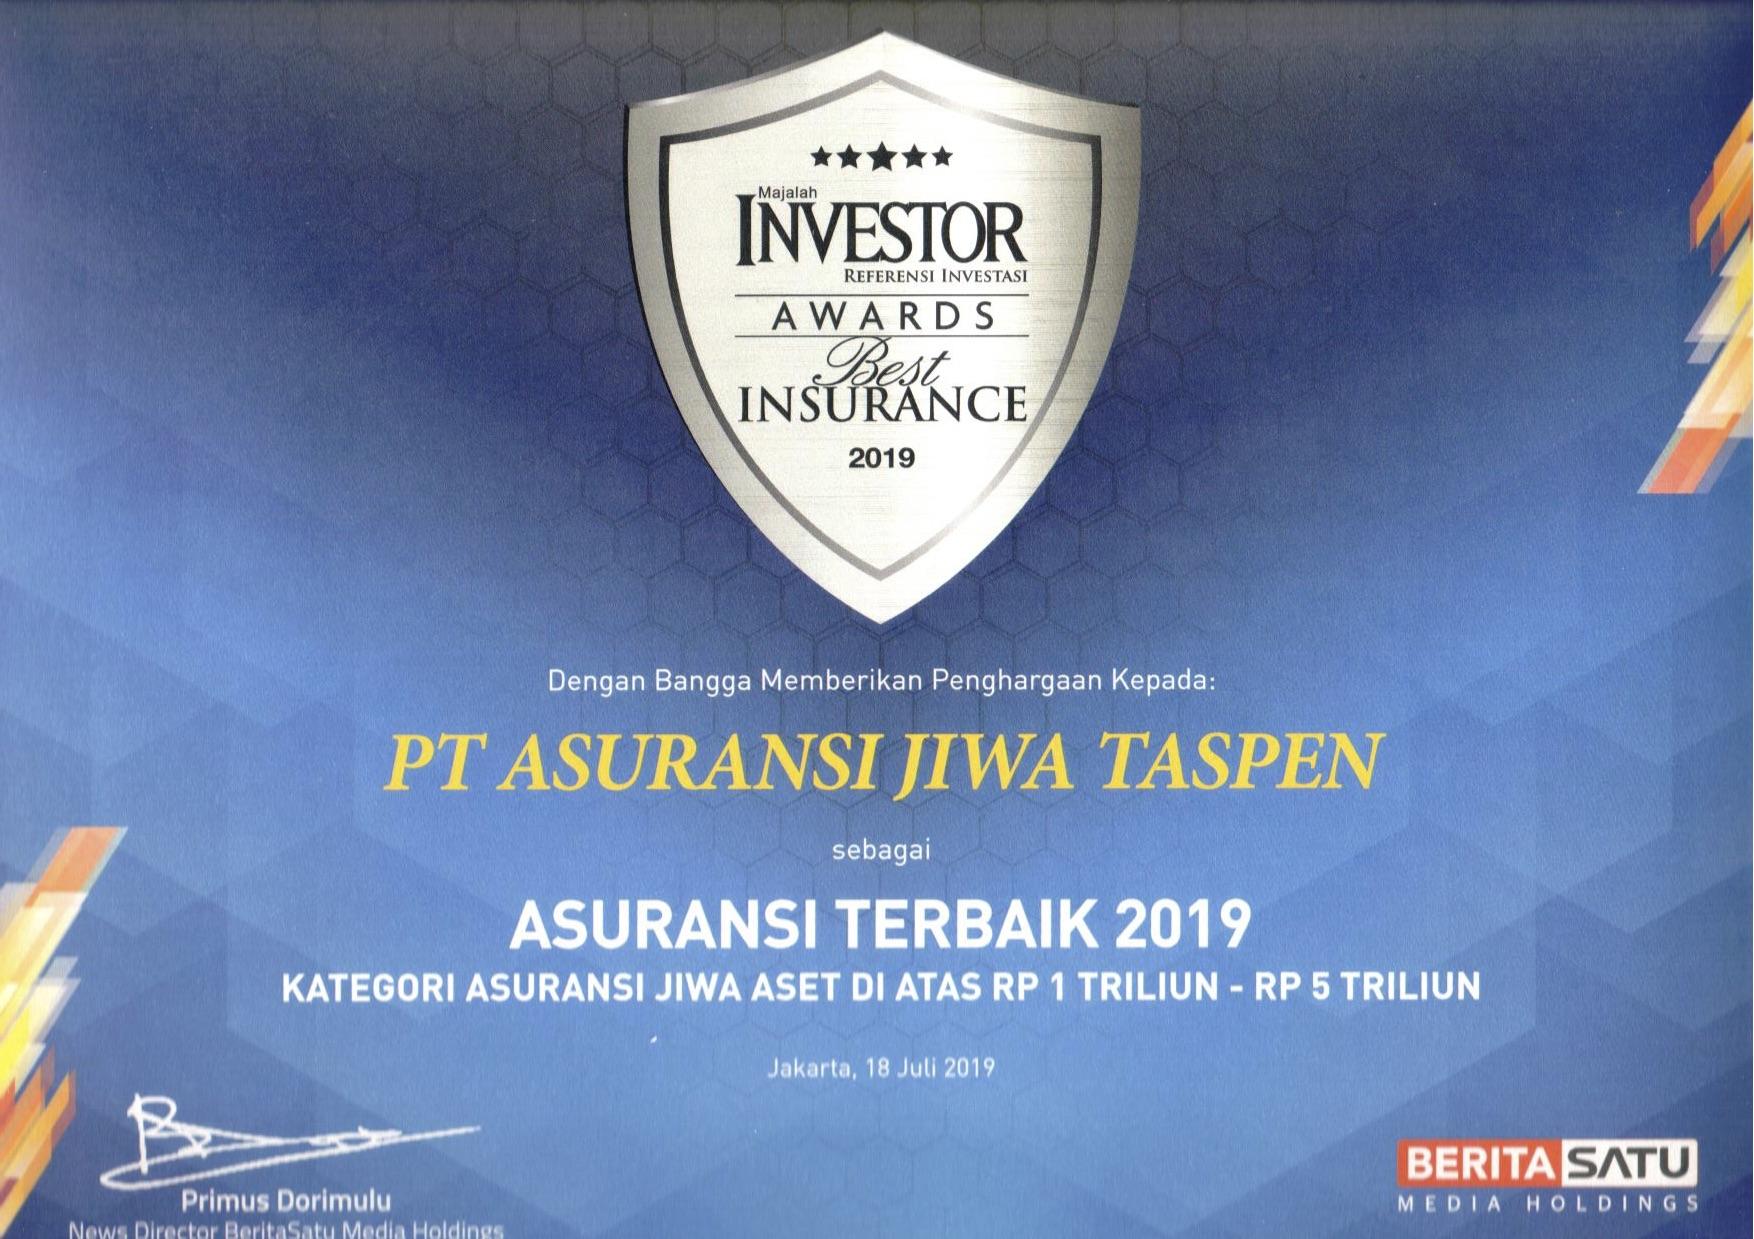 Asuransi Terbaik 2019 Majalah Investor